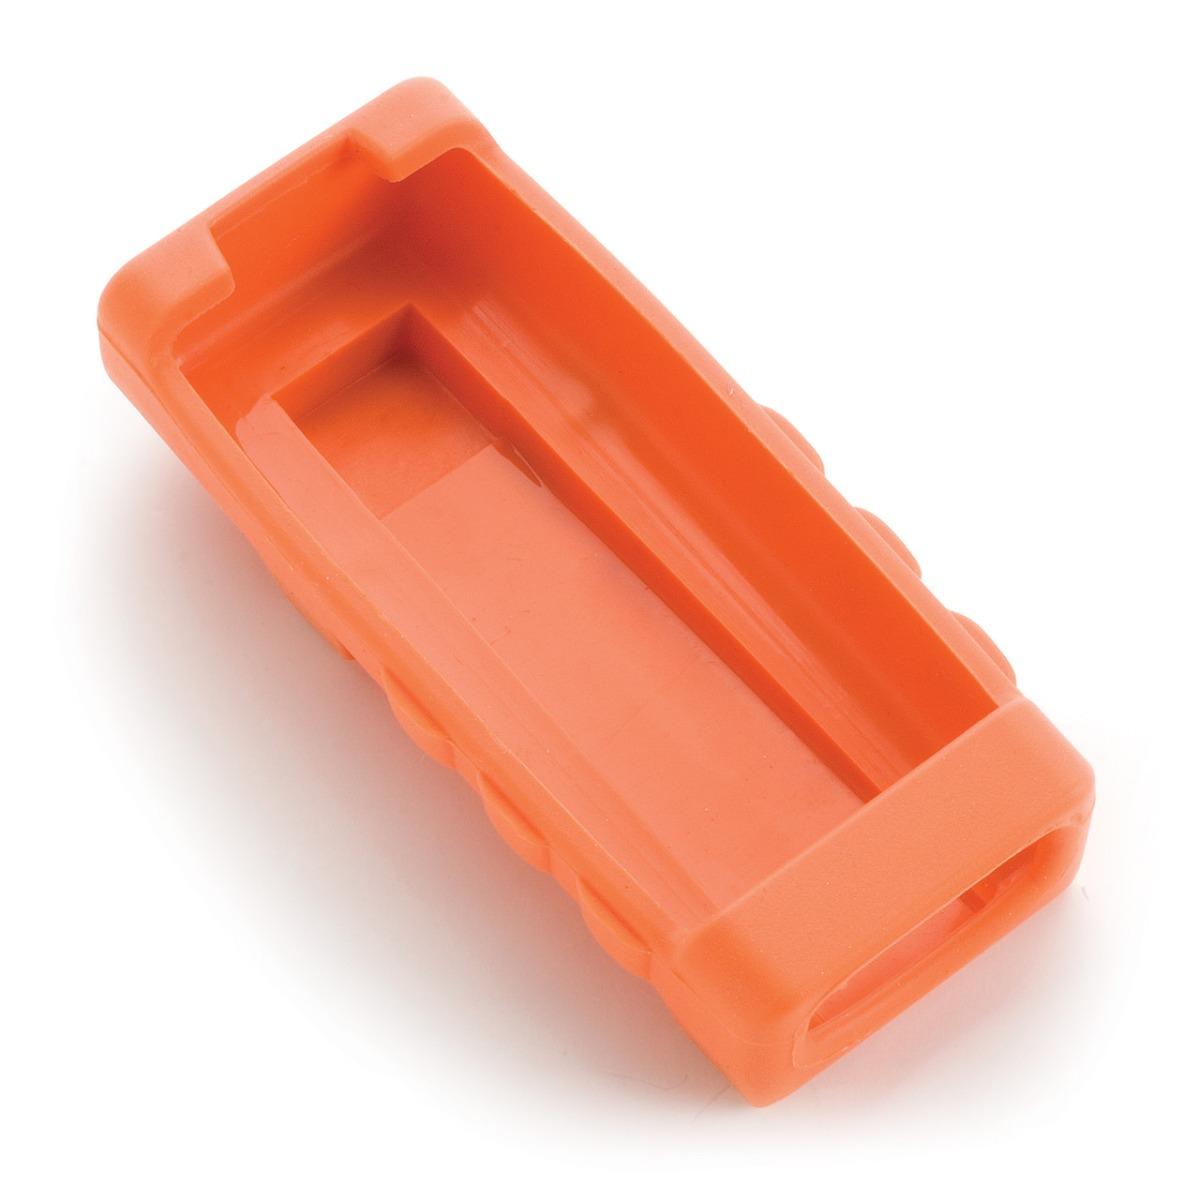 Funda de Goma a Prueba de Golpes (Naranja) - HI710023